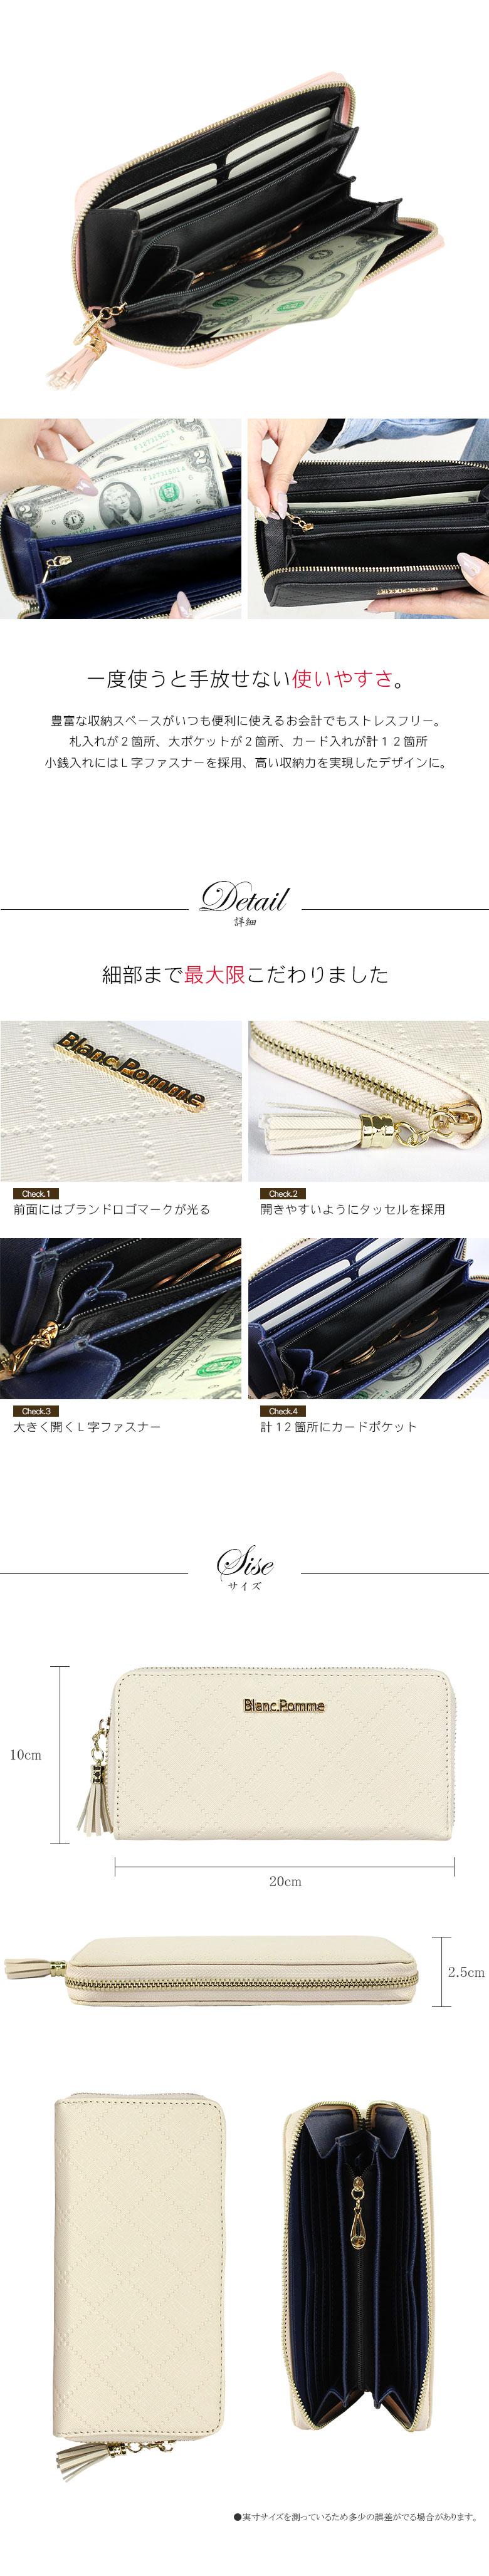 財布 通販 エンボスキルト ロングウォレット 4色展開 合成皮革